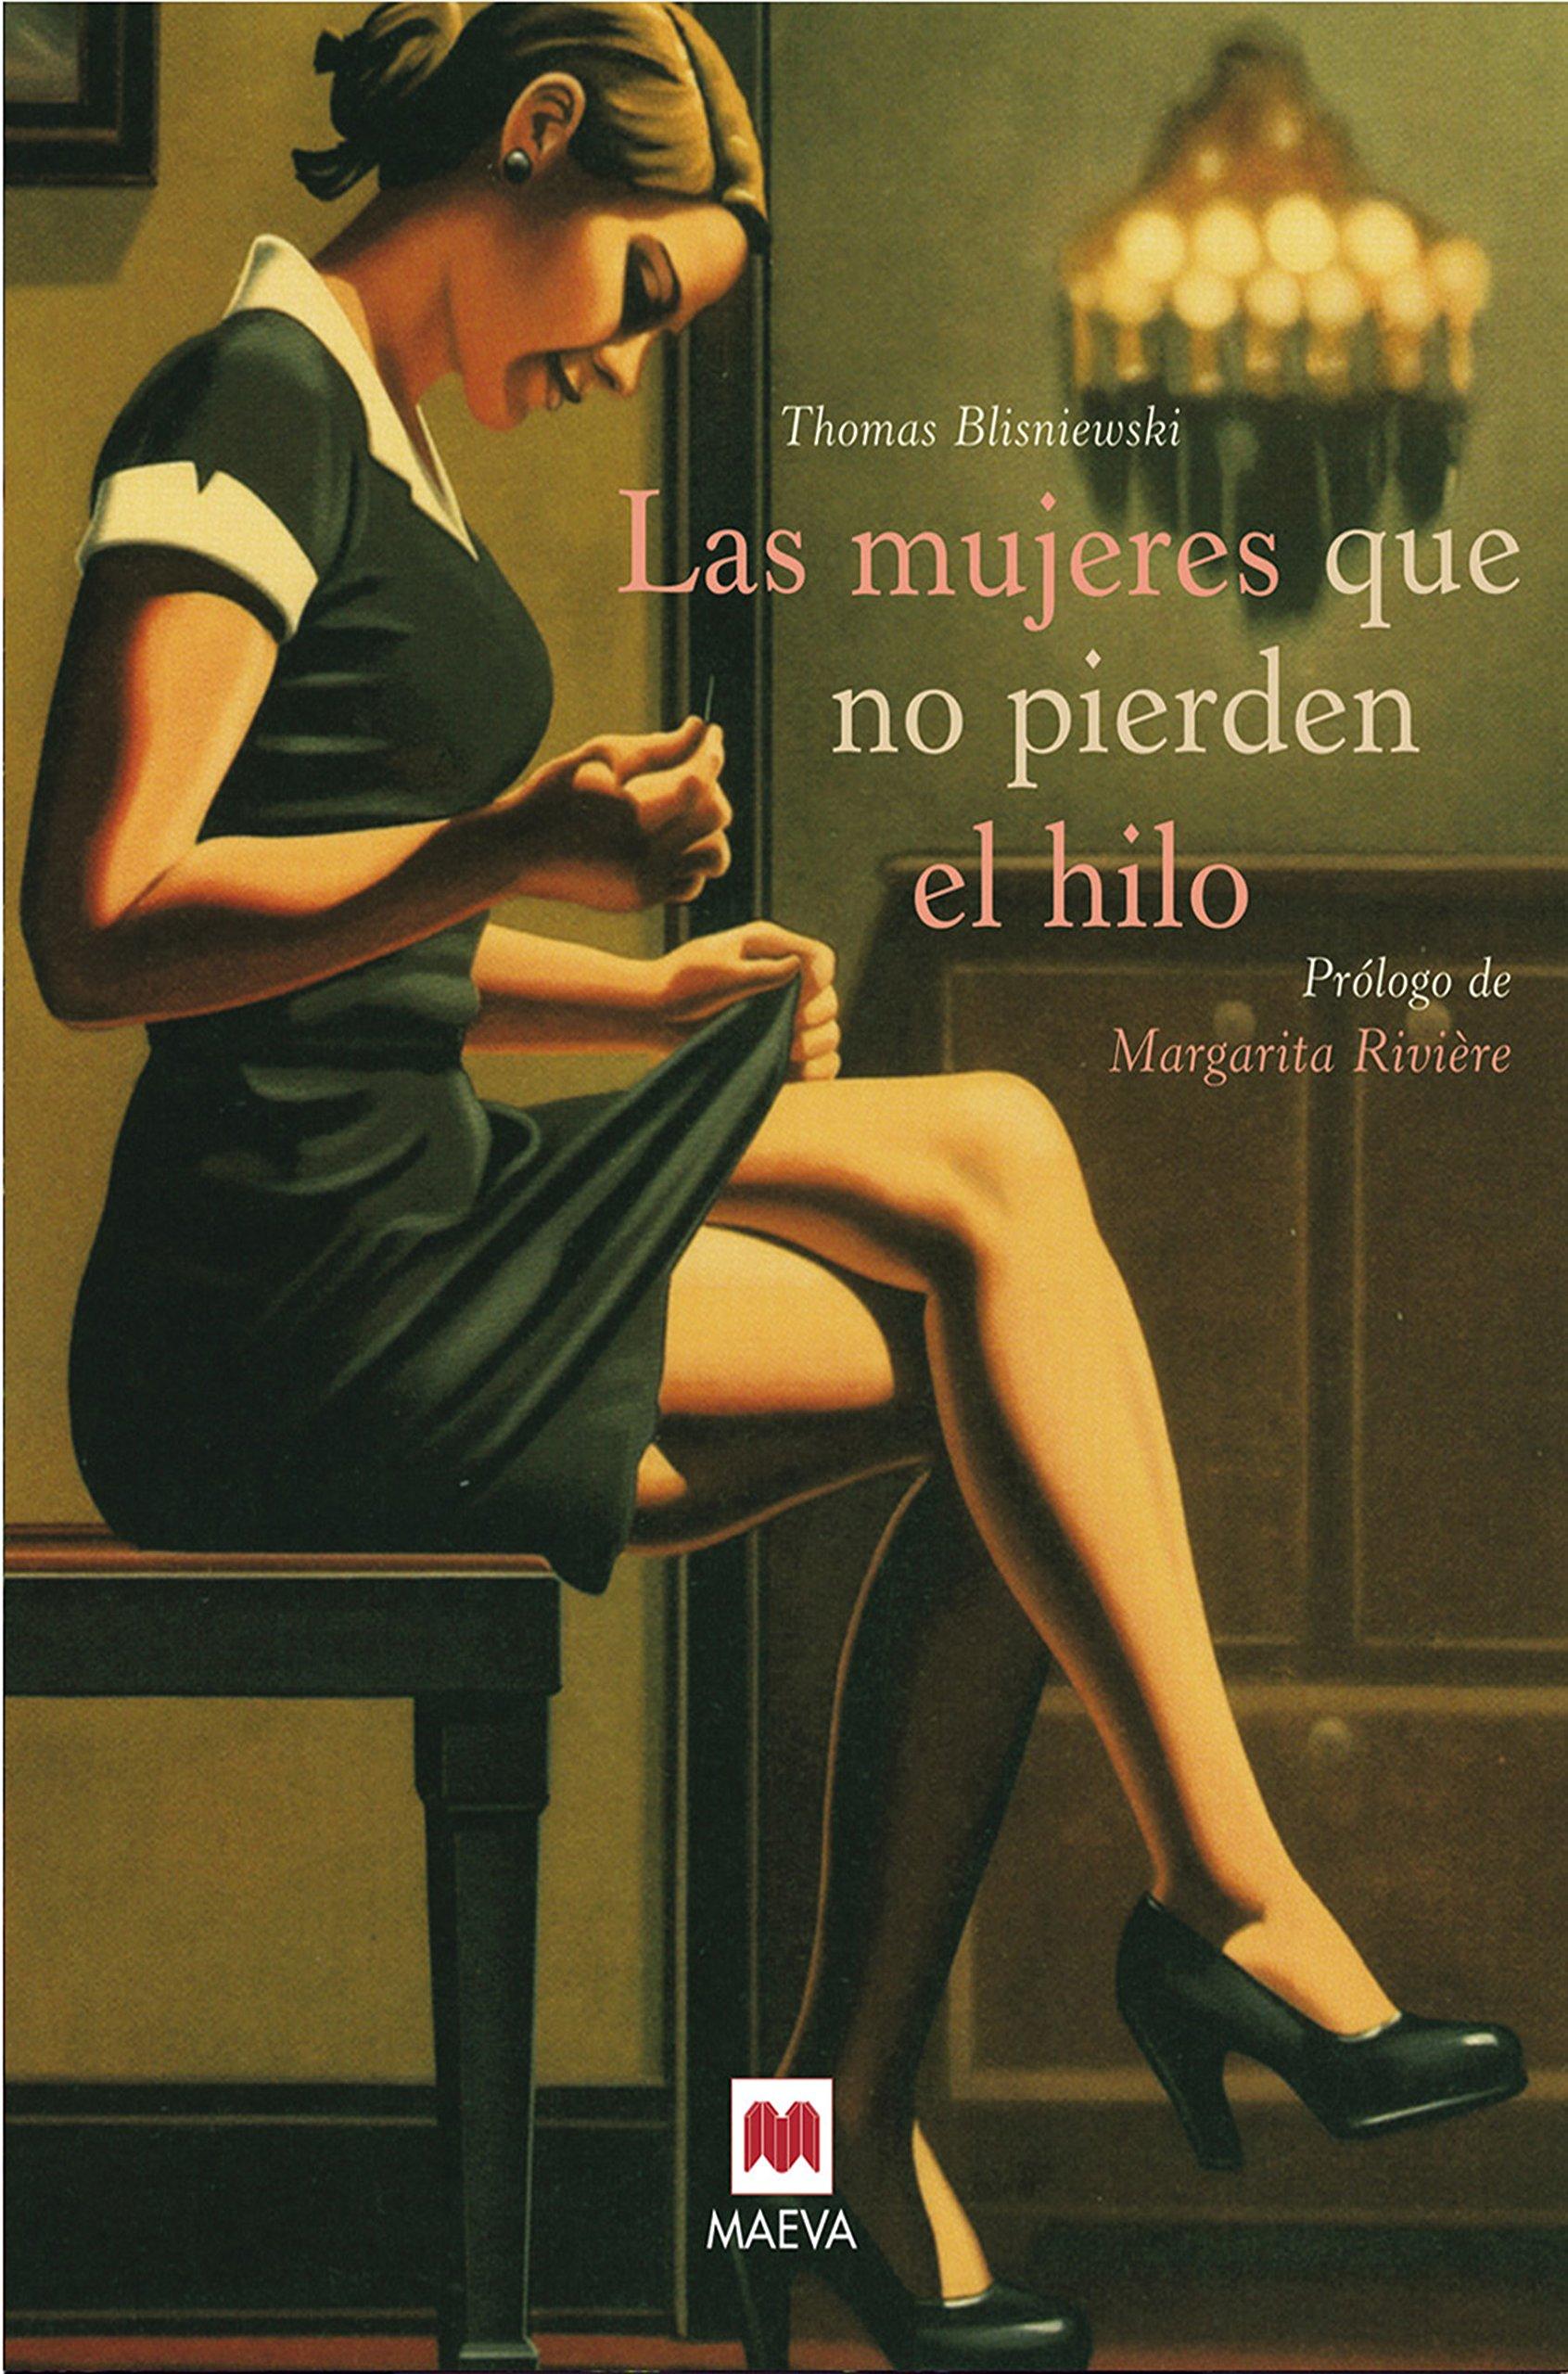 Las mujeres, que no pierden el hilo: Thomas Blisniewski: 9788492695133: Amazon.com: Books